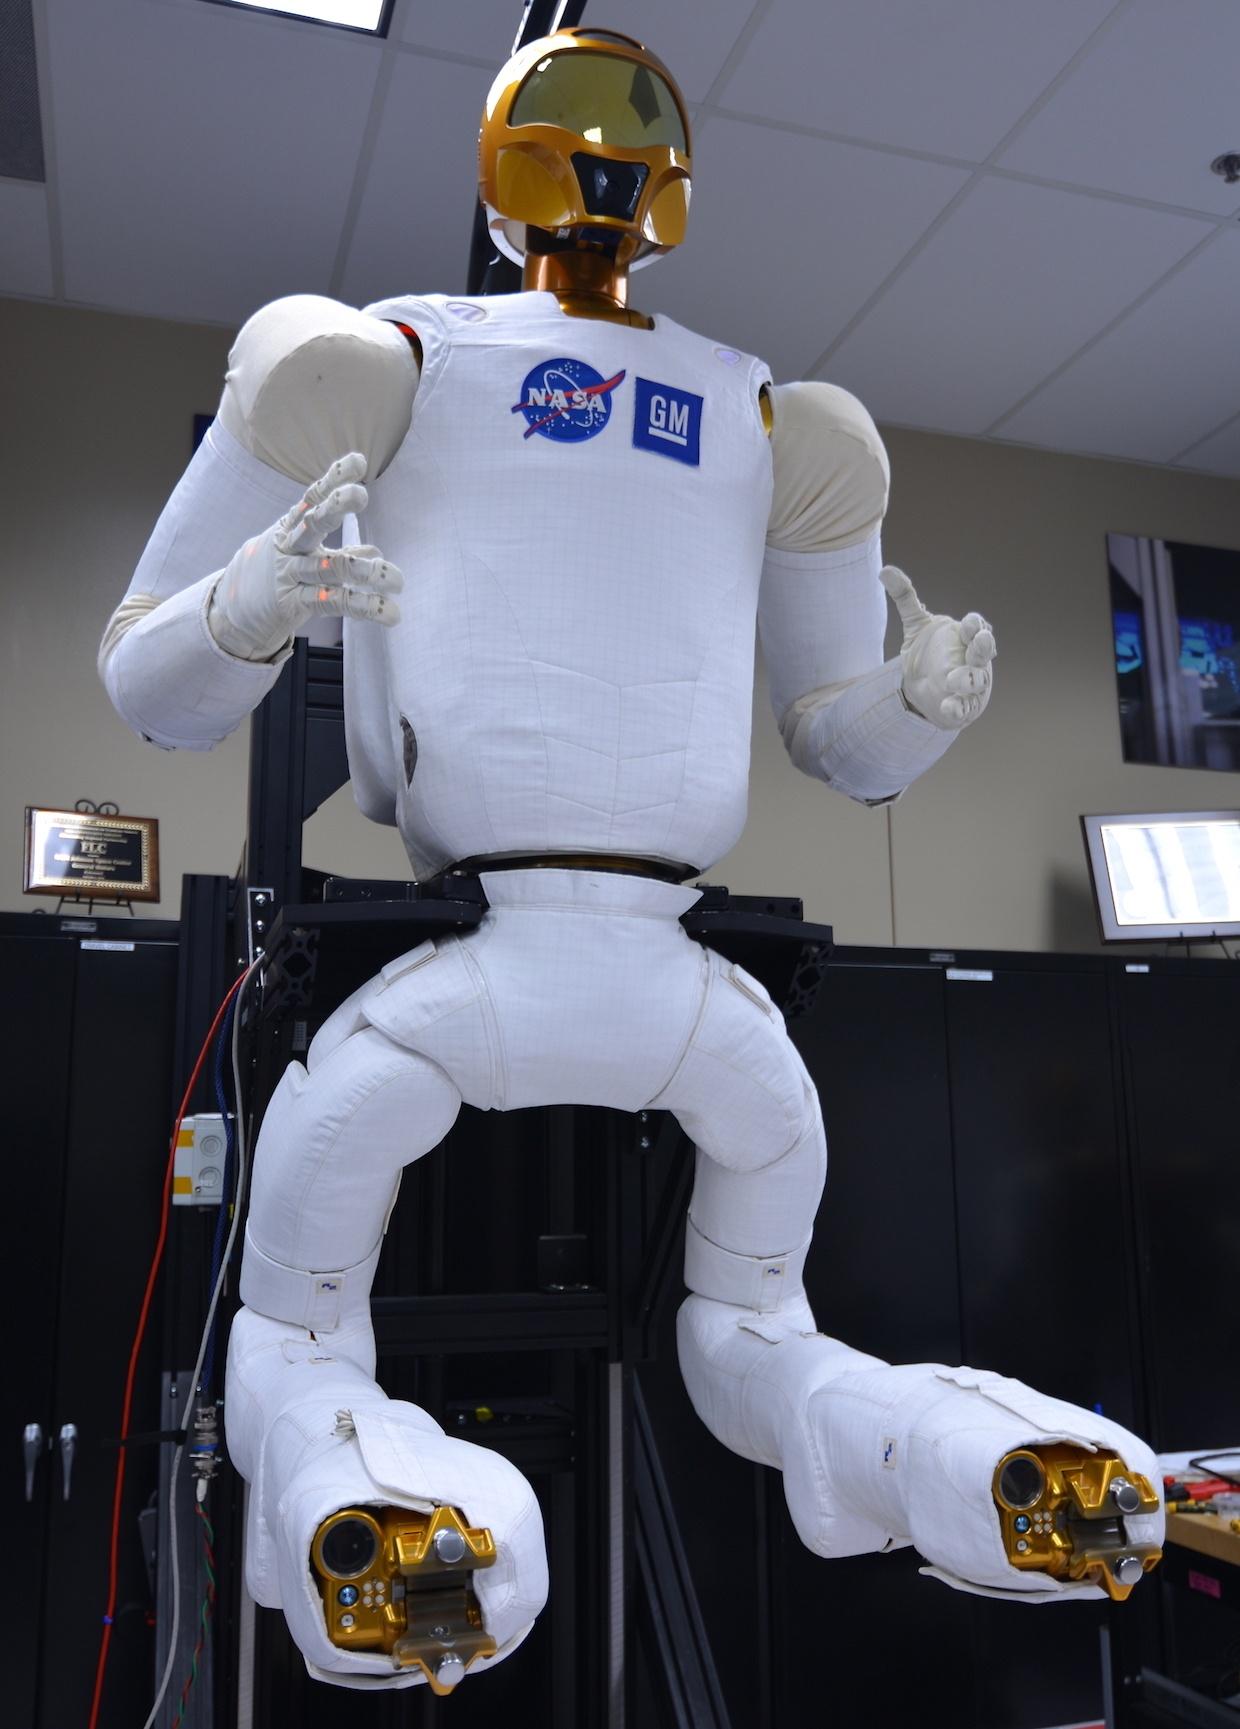 НАСА нанимает инженеров для разработки гуманоидного робота следующего поколения - 5